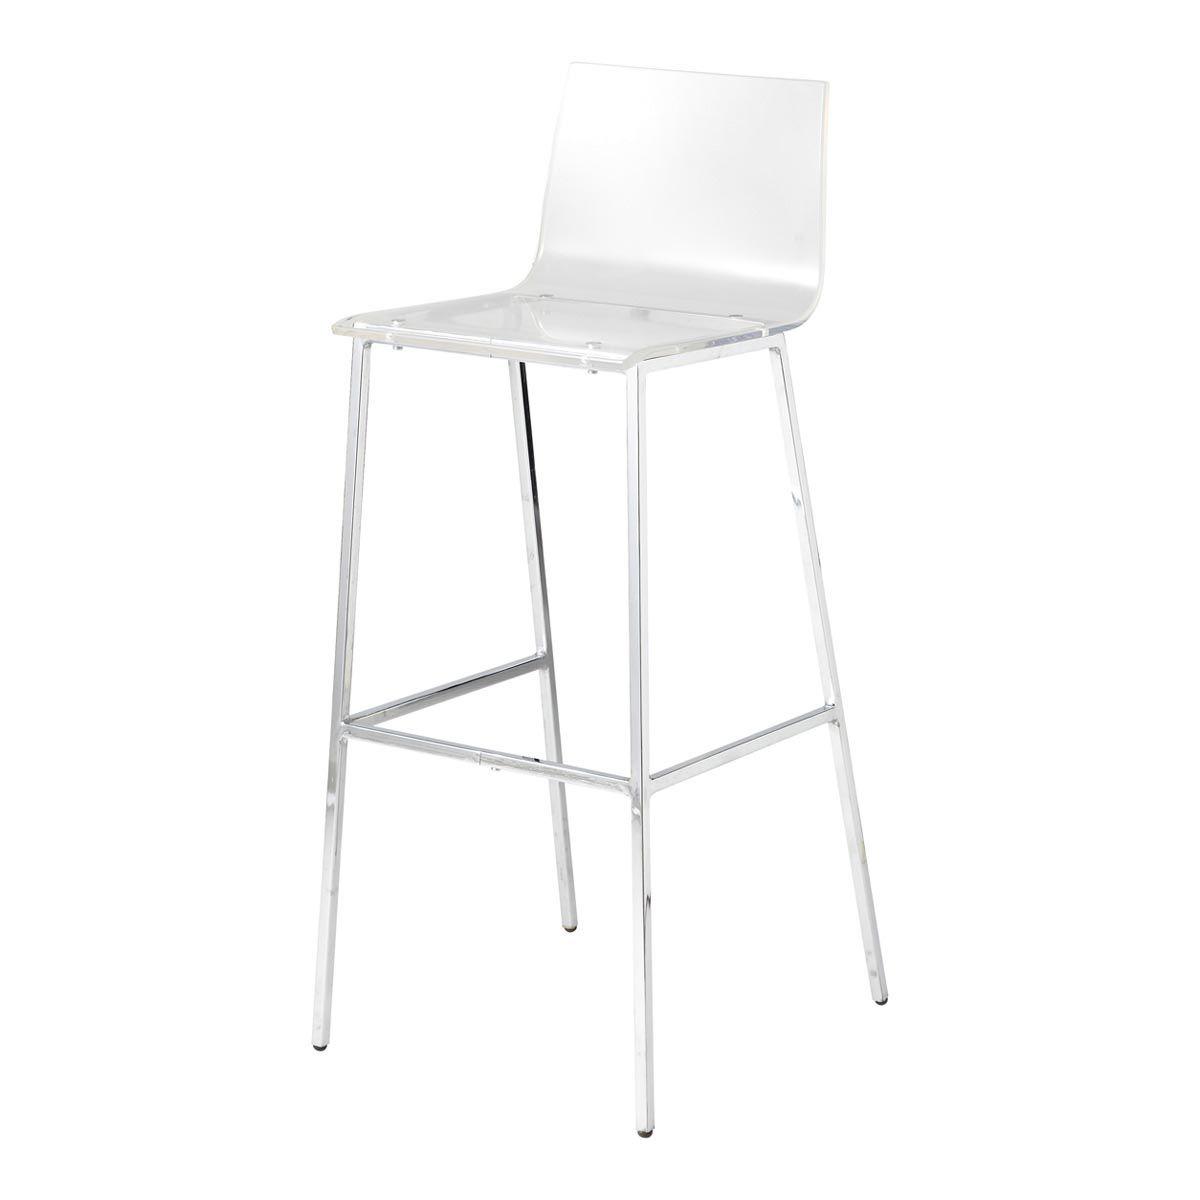 chaise tulipe maison du monde cool cool maison du monde chaise chaises maison du monde maison. Black Bedroom Furniture Sets. Home Design Ideas